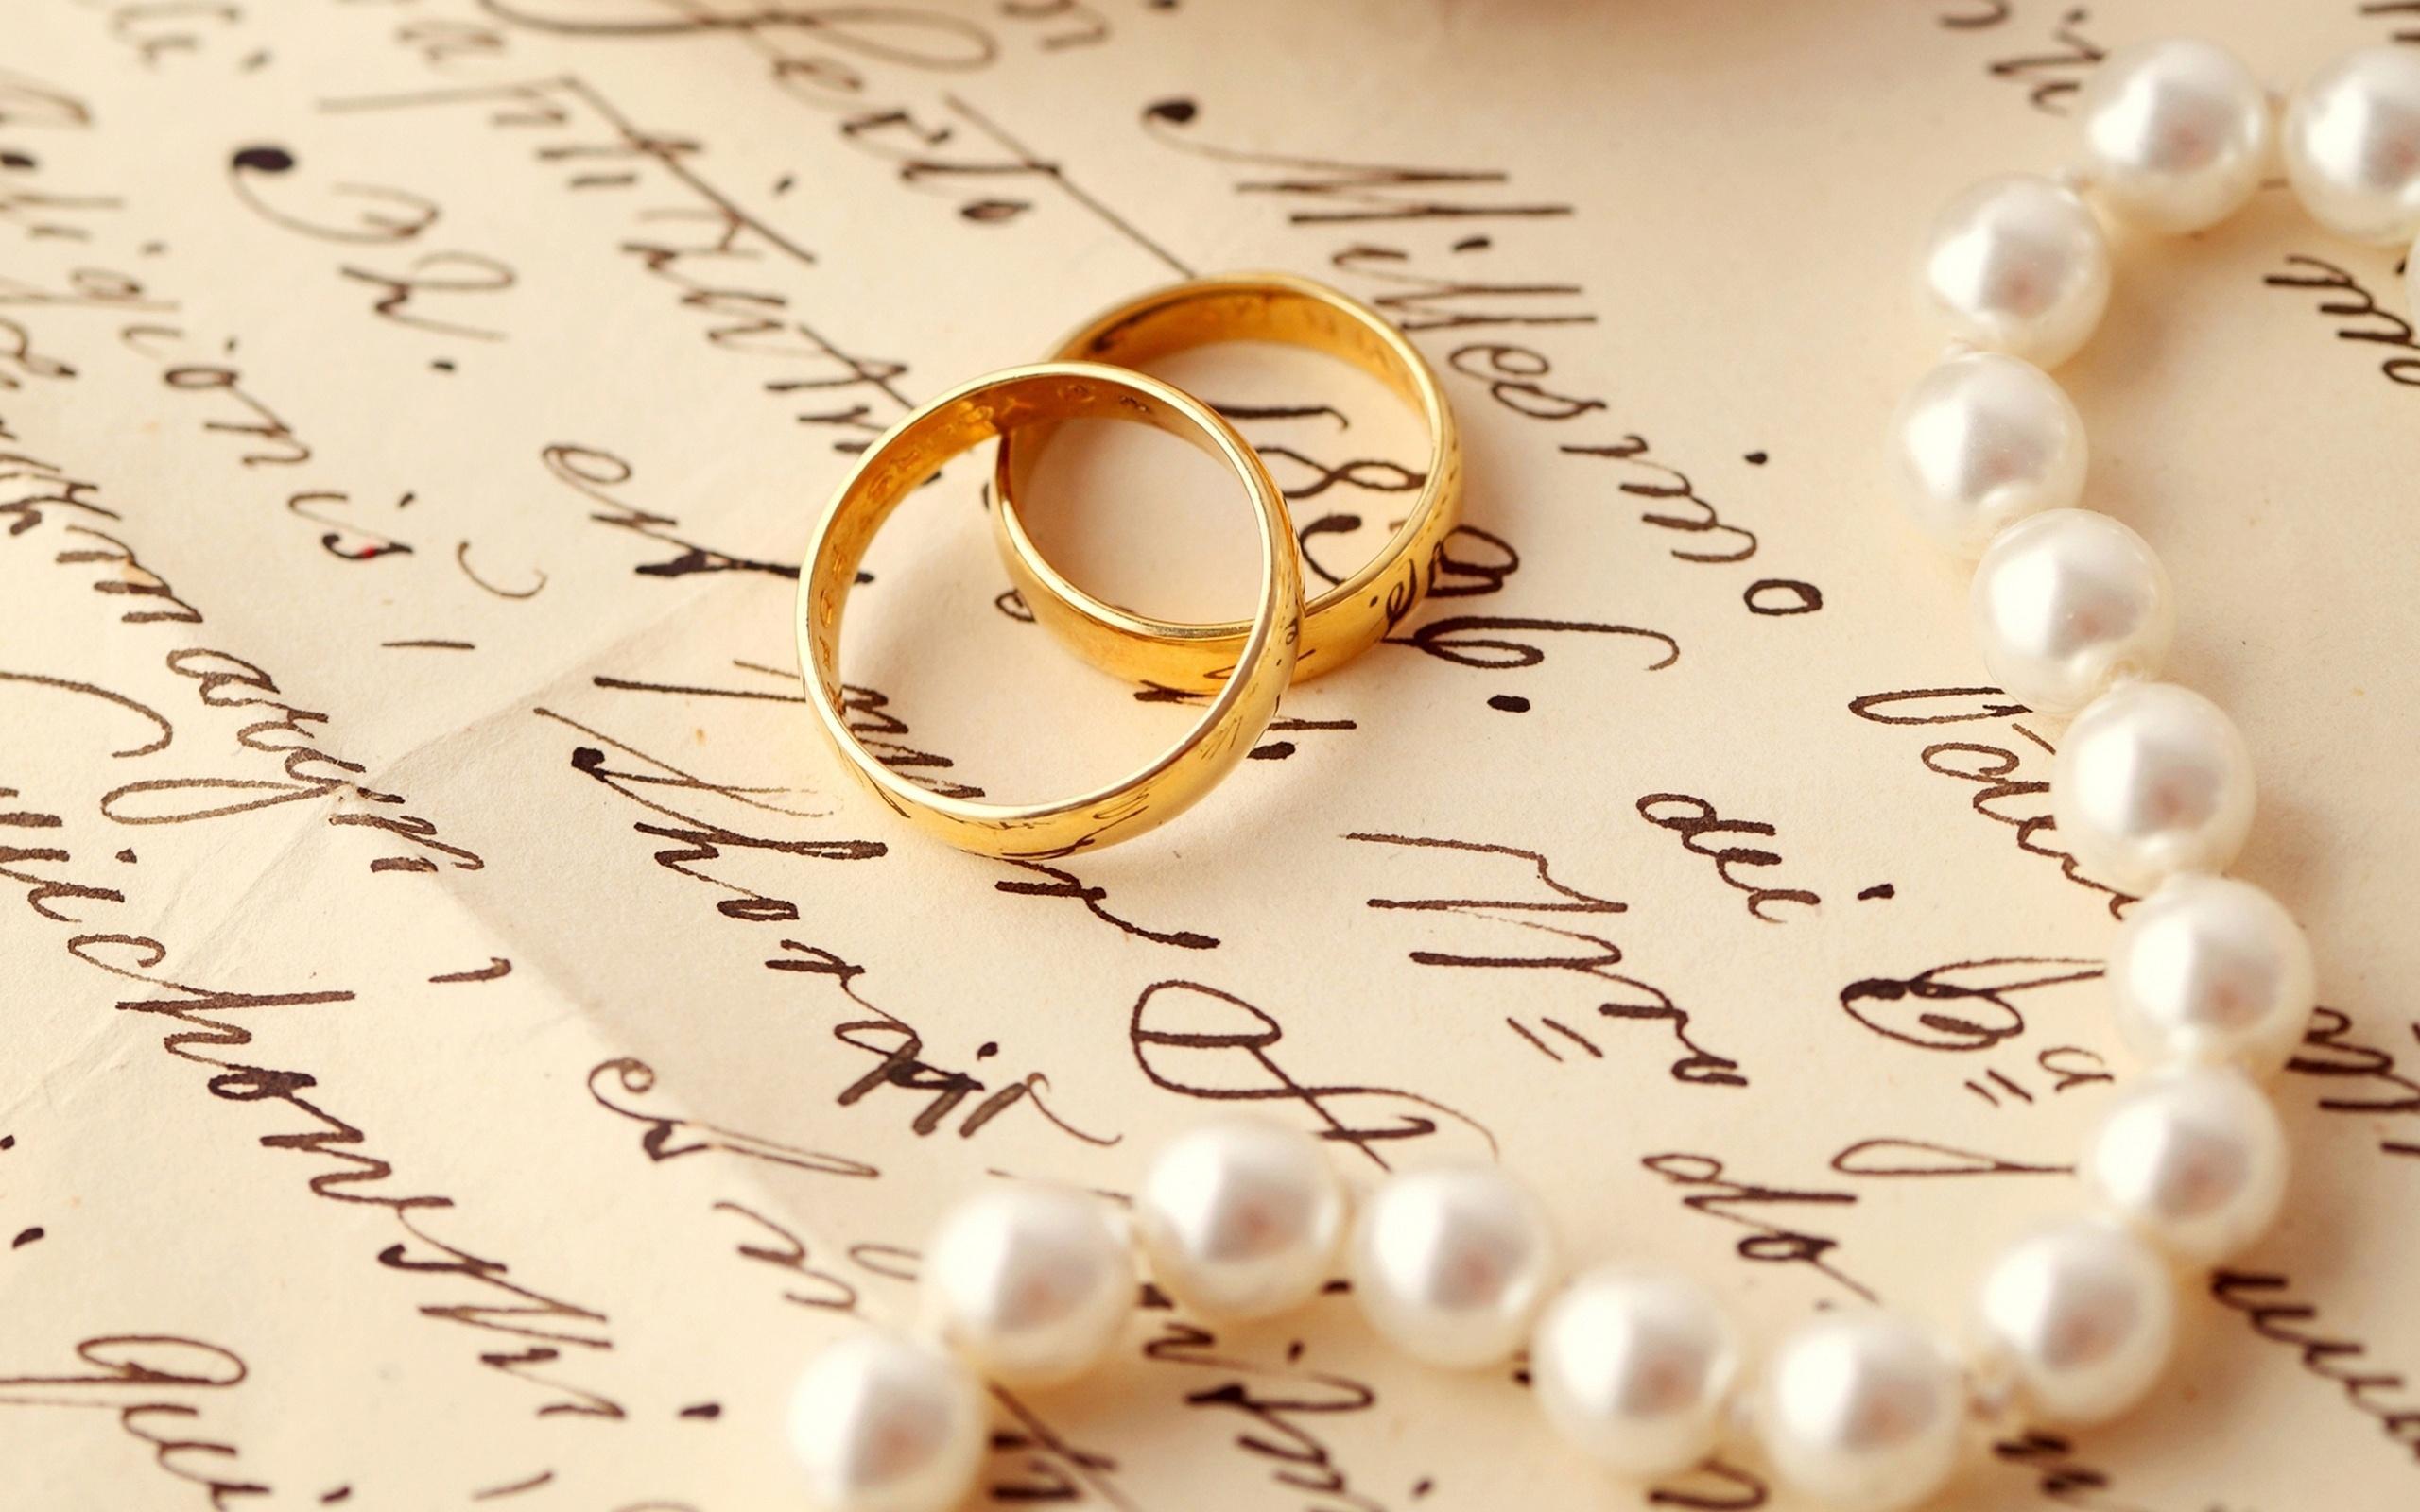 بالصور كلام عن الزواج , الزواج نصف الدين 5276 3